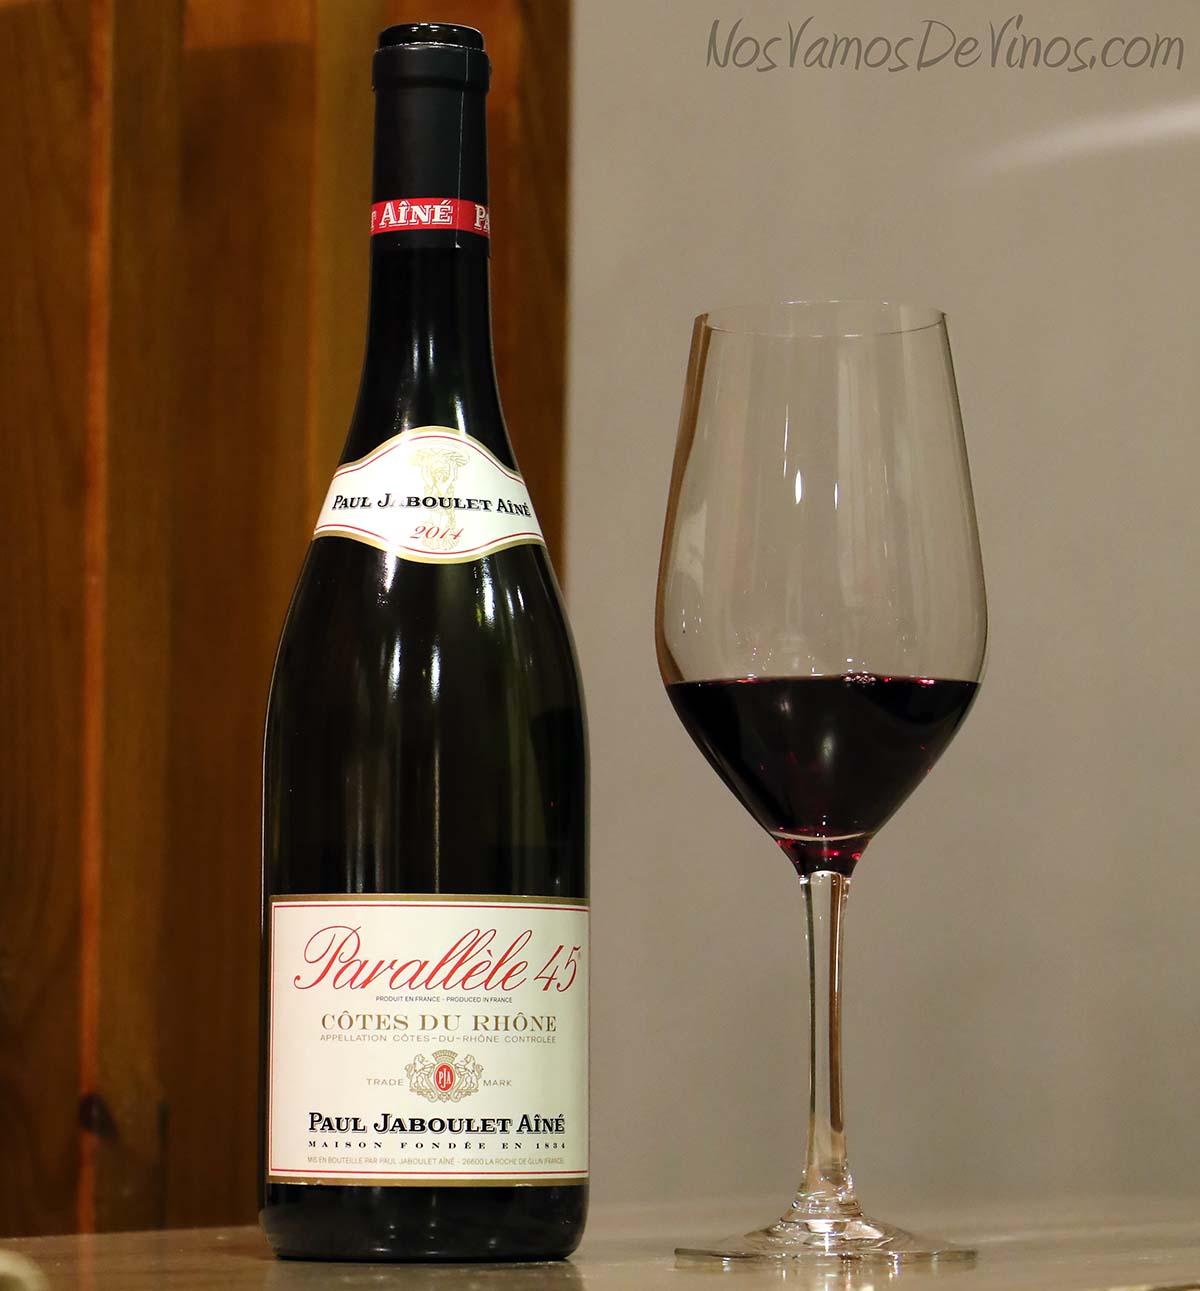 Parallele-45-2014-vino-Cotes-du-Rhone